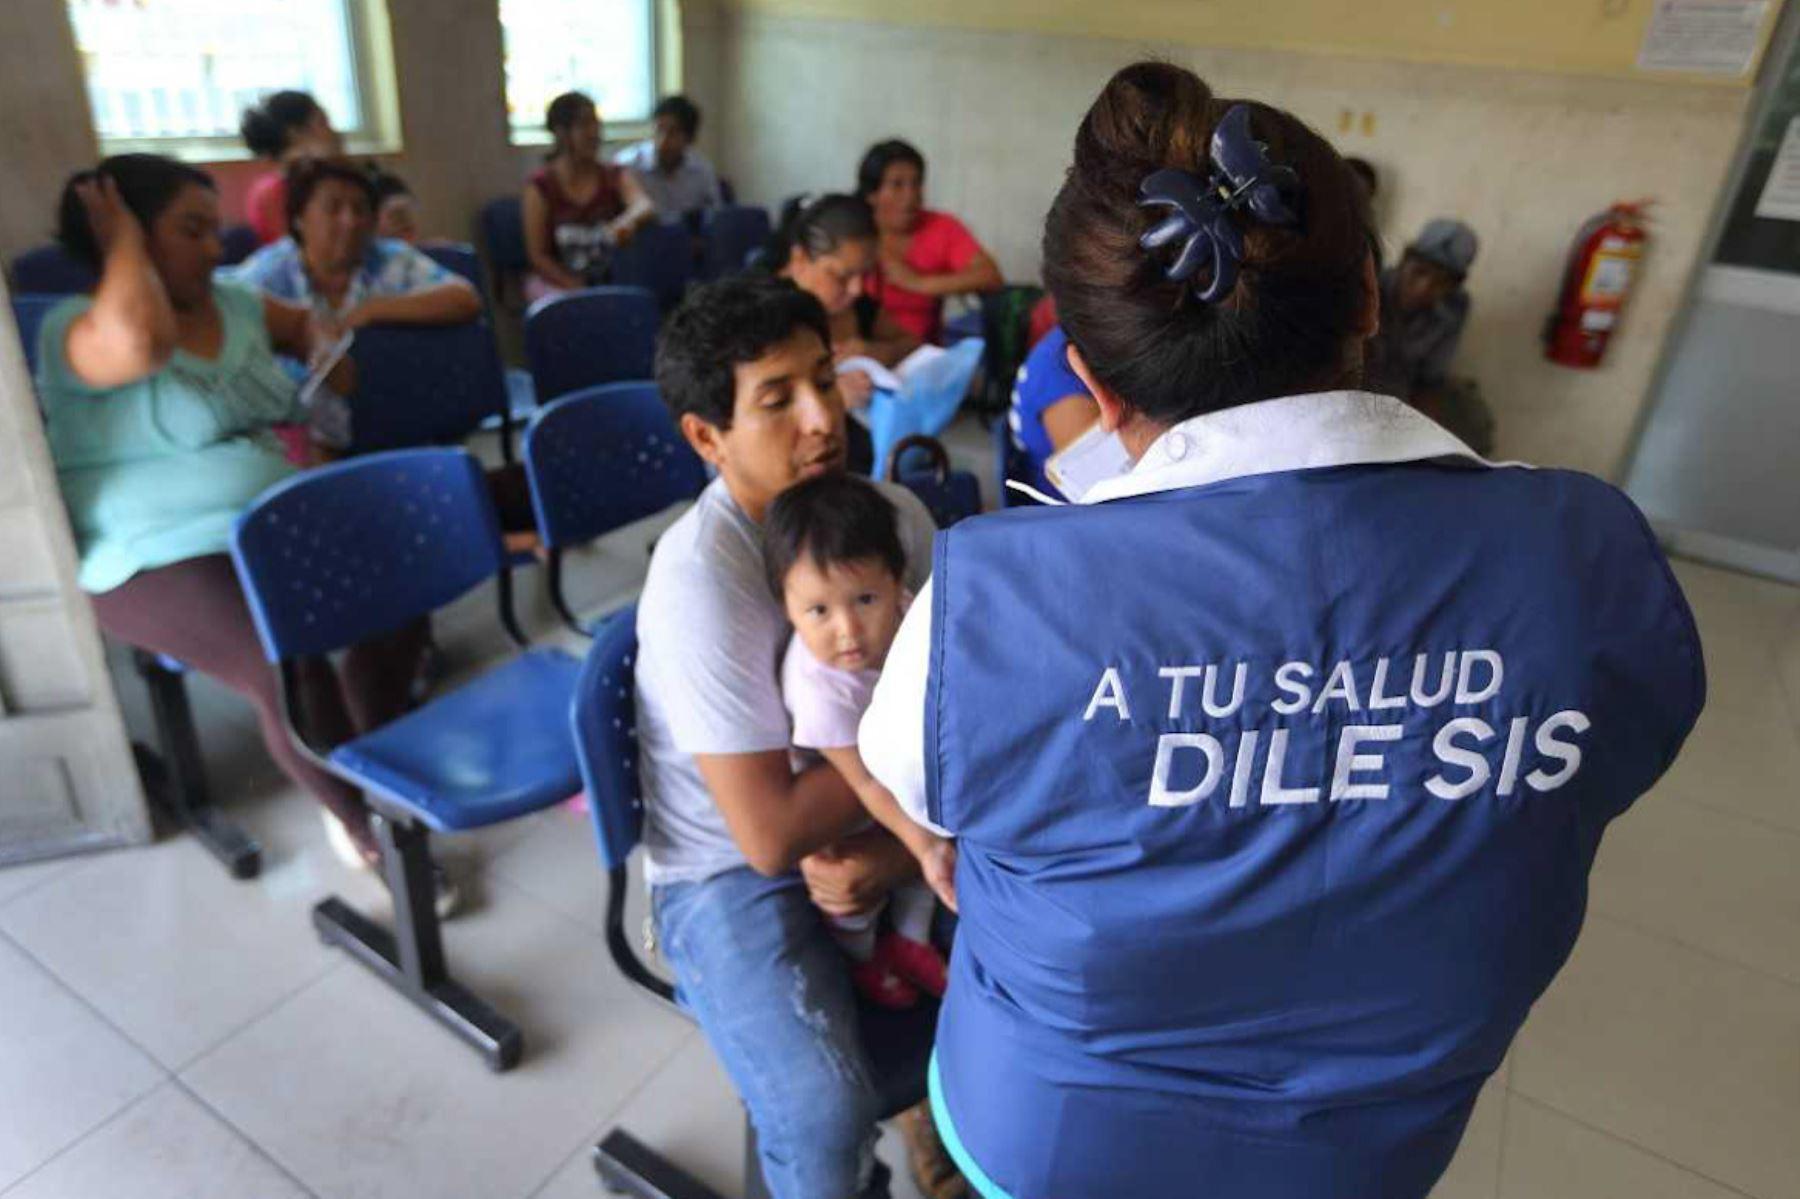 El Seguro Integral de Salud (SIS) aprobó la transferencia económica de 38 millones 767,011 soles a los hospitales y centros de salud de la región Piura para financiar las atenciones médicas, garantizar el abastecimiento oportuno de medicamentos, insumos, materiales médicos a favor de los afiliados.